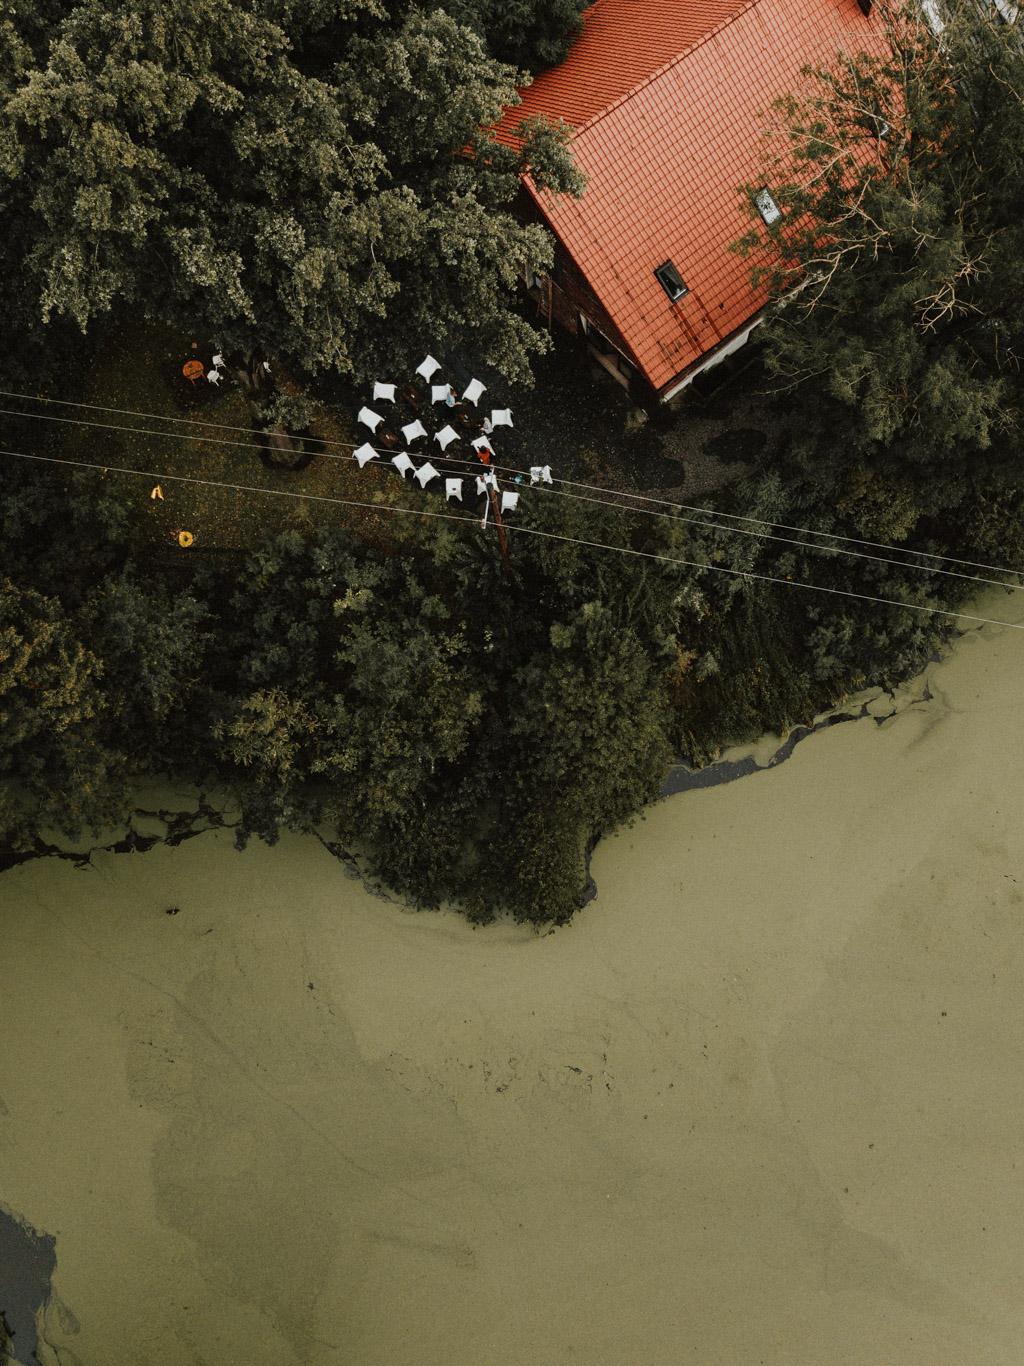 kotulińskiego 6 z drona k6 z powietrza stara gorzelnia przy jeziorze